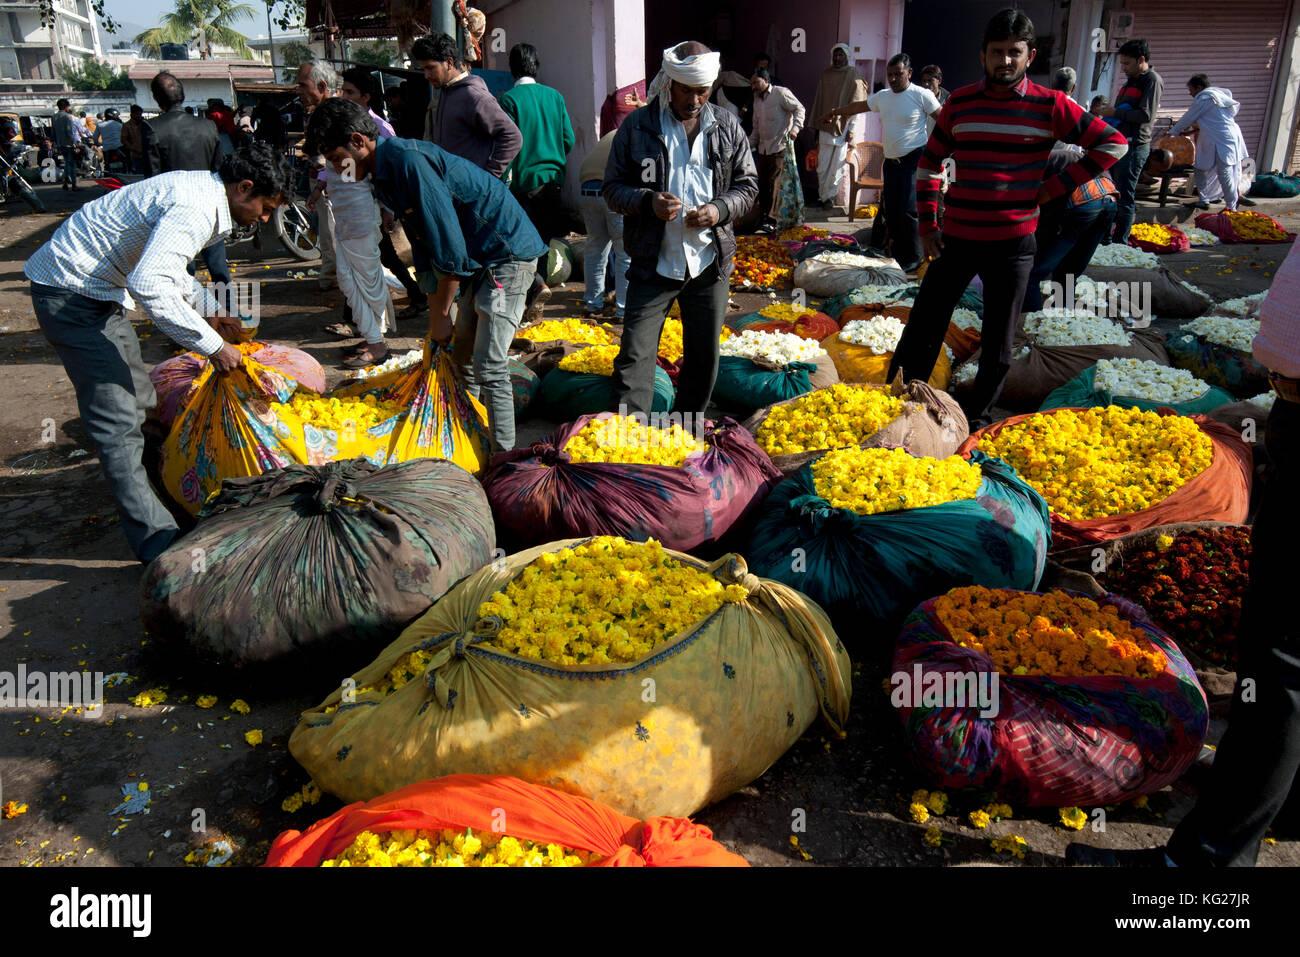 Männer kaufen gelbe Ringelblumen, gewogen und in Baumwolle tuch Pakete verpackt, am frühen Morgen, Blumenmarkt, Stockbild